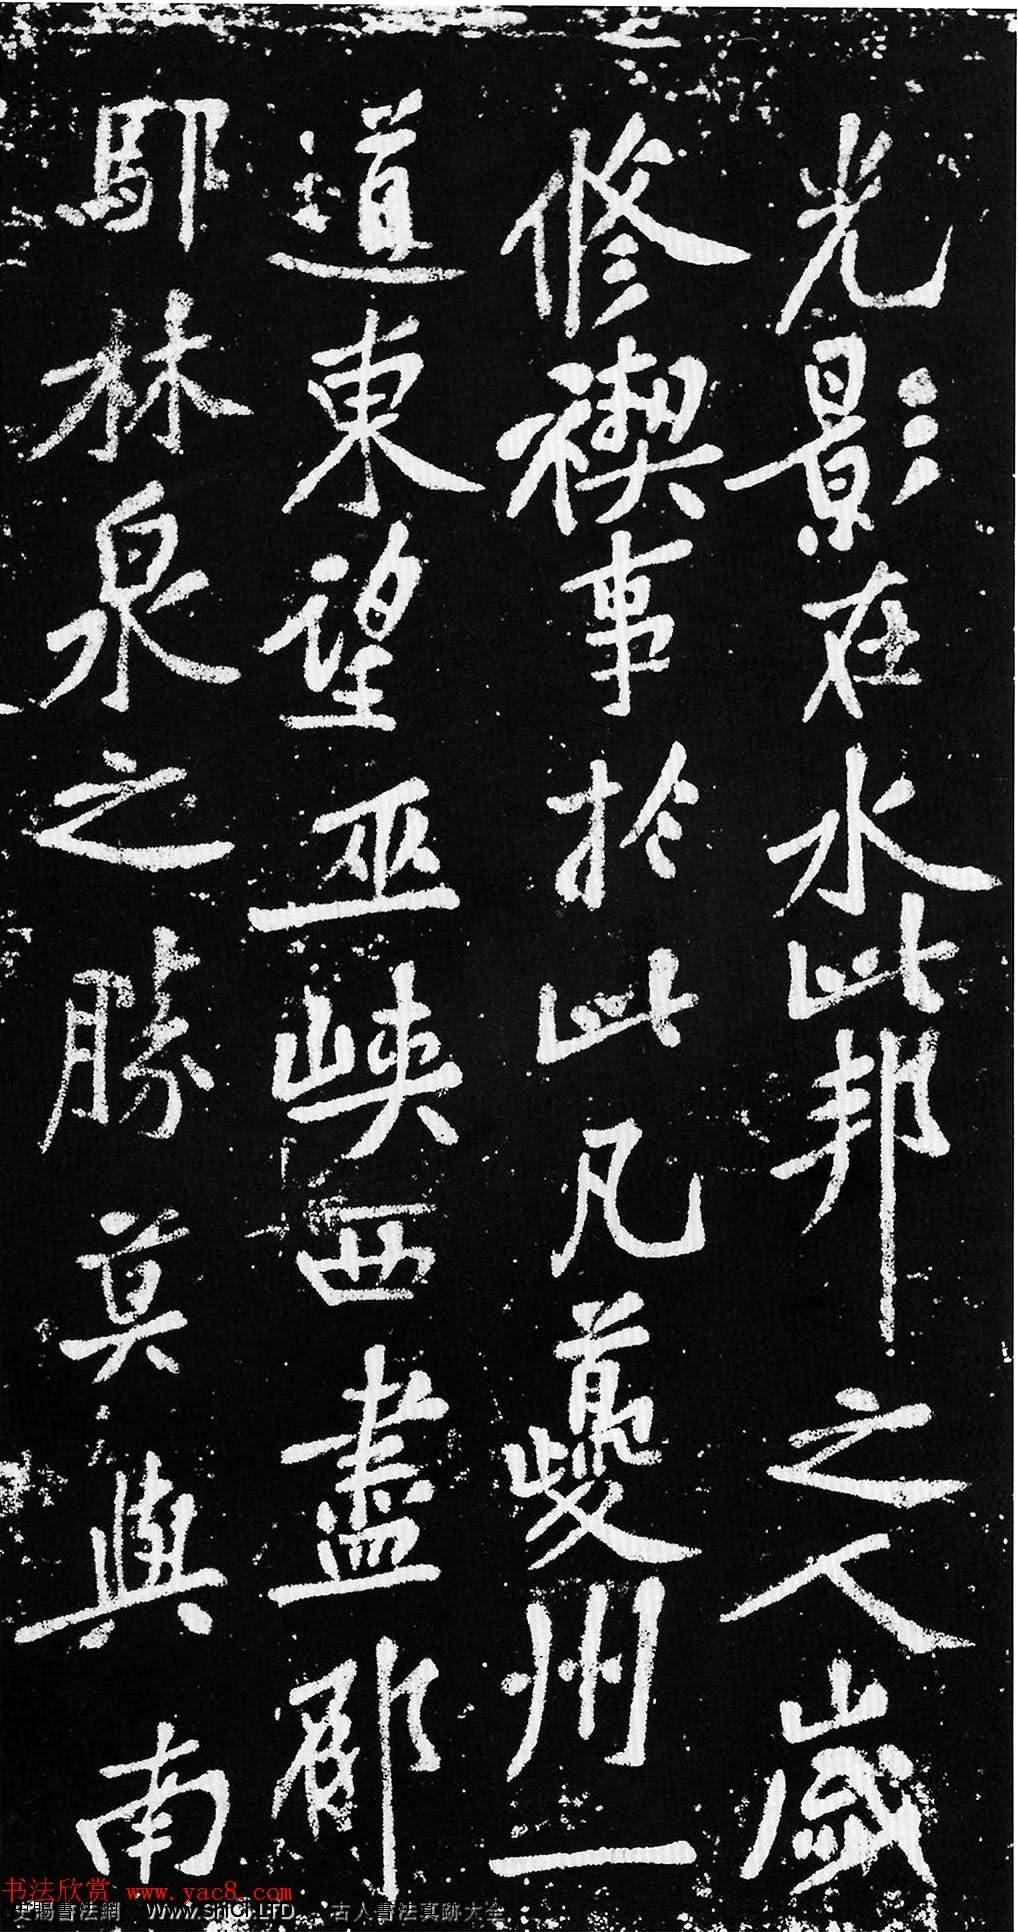 黃庭堅行楷書法《西山記》題刻